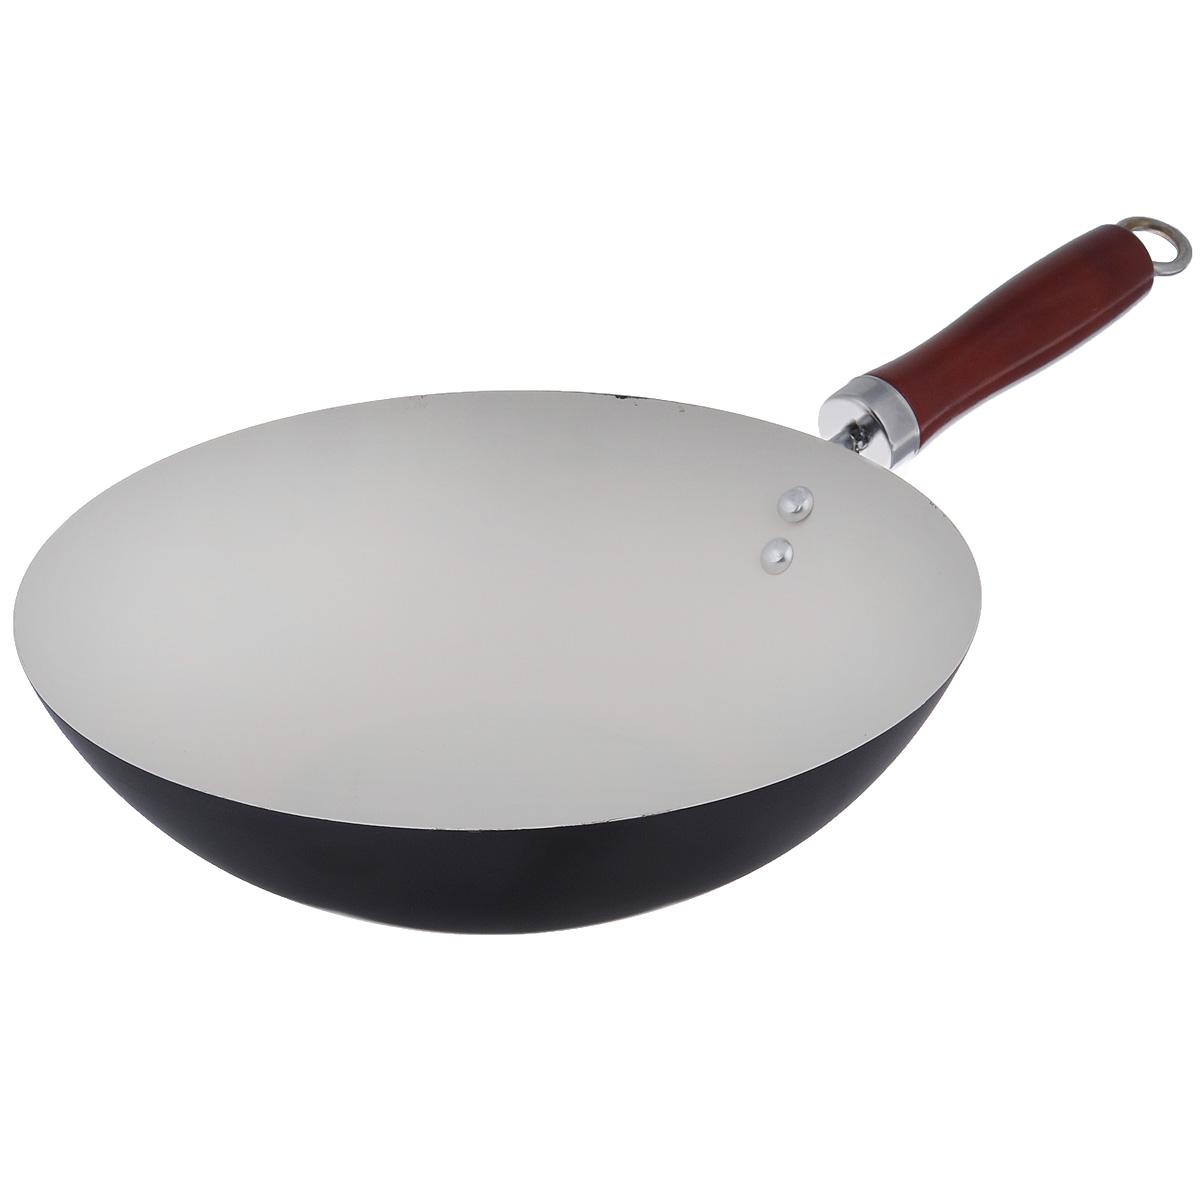 Сковорода-вок Mayer & Boch, с керамическим покрытием, цвет: черный. Диаметр 28 см. 2223822238Сковорода-вок Mayer & Boch изготовлена из углеродистой стали с высококачественным керамическим покрытием. Керамика не содержит вредных примесей ПФОК, что способствует здоровому и экологичному приготовлению пищи. Кроме того, с таким покрытием пища не пригорает и не прилипает к стенкам, поэтому можно готовить с минимальным добавлением масла и жиров. Гладкая, идеально ровная поверхность сковороды легко чистится, ее можно мыть в воде руками или вытирать полотенцем. Эргономичная ручка специального дизайна выполнена из дерева. Сковорода подходит для использования на газовых и электрических плитах. Не подходит для индукционных плит. Также изделие можно мыть в посудомоечной машине. Диаметр: 28 см. Высота стенки: 7,5 см. Толщина стенки: 1,2 мм. Толщина дна: 2 мм. Длина ручки: 17 см.